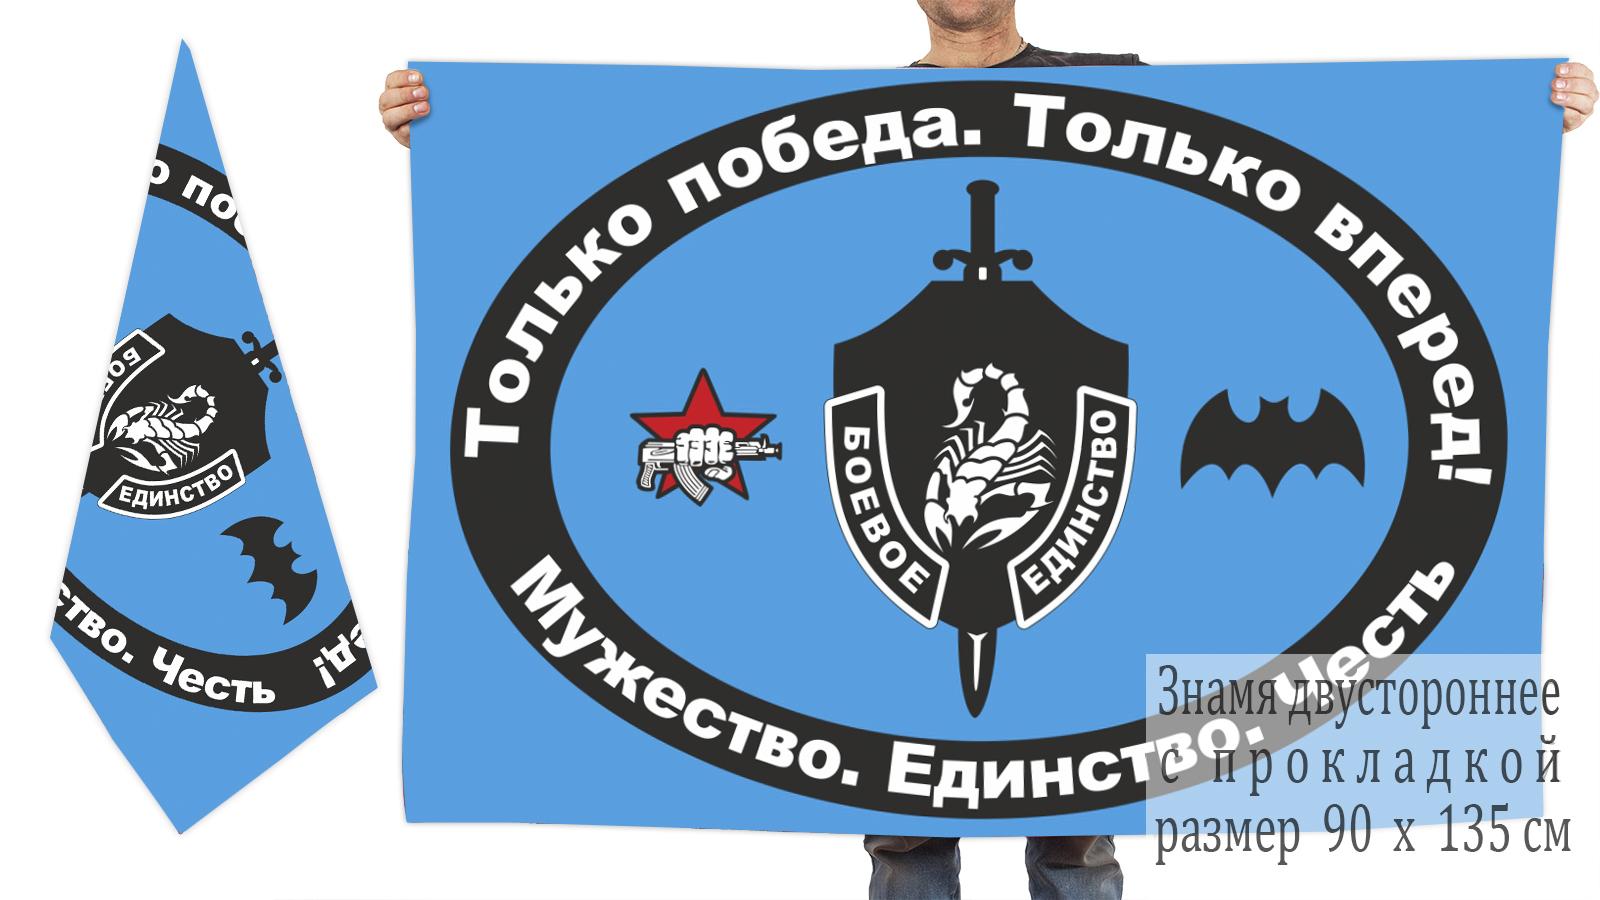 Купить в интернет магазине двухсторонний флаг «Боевое единство»